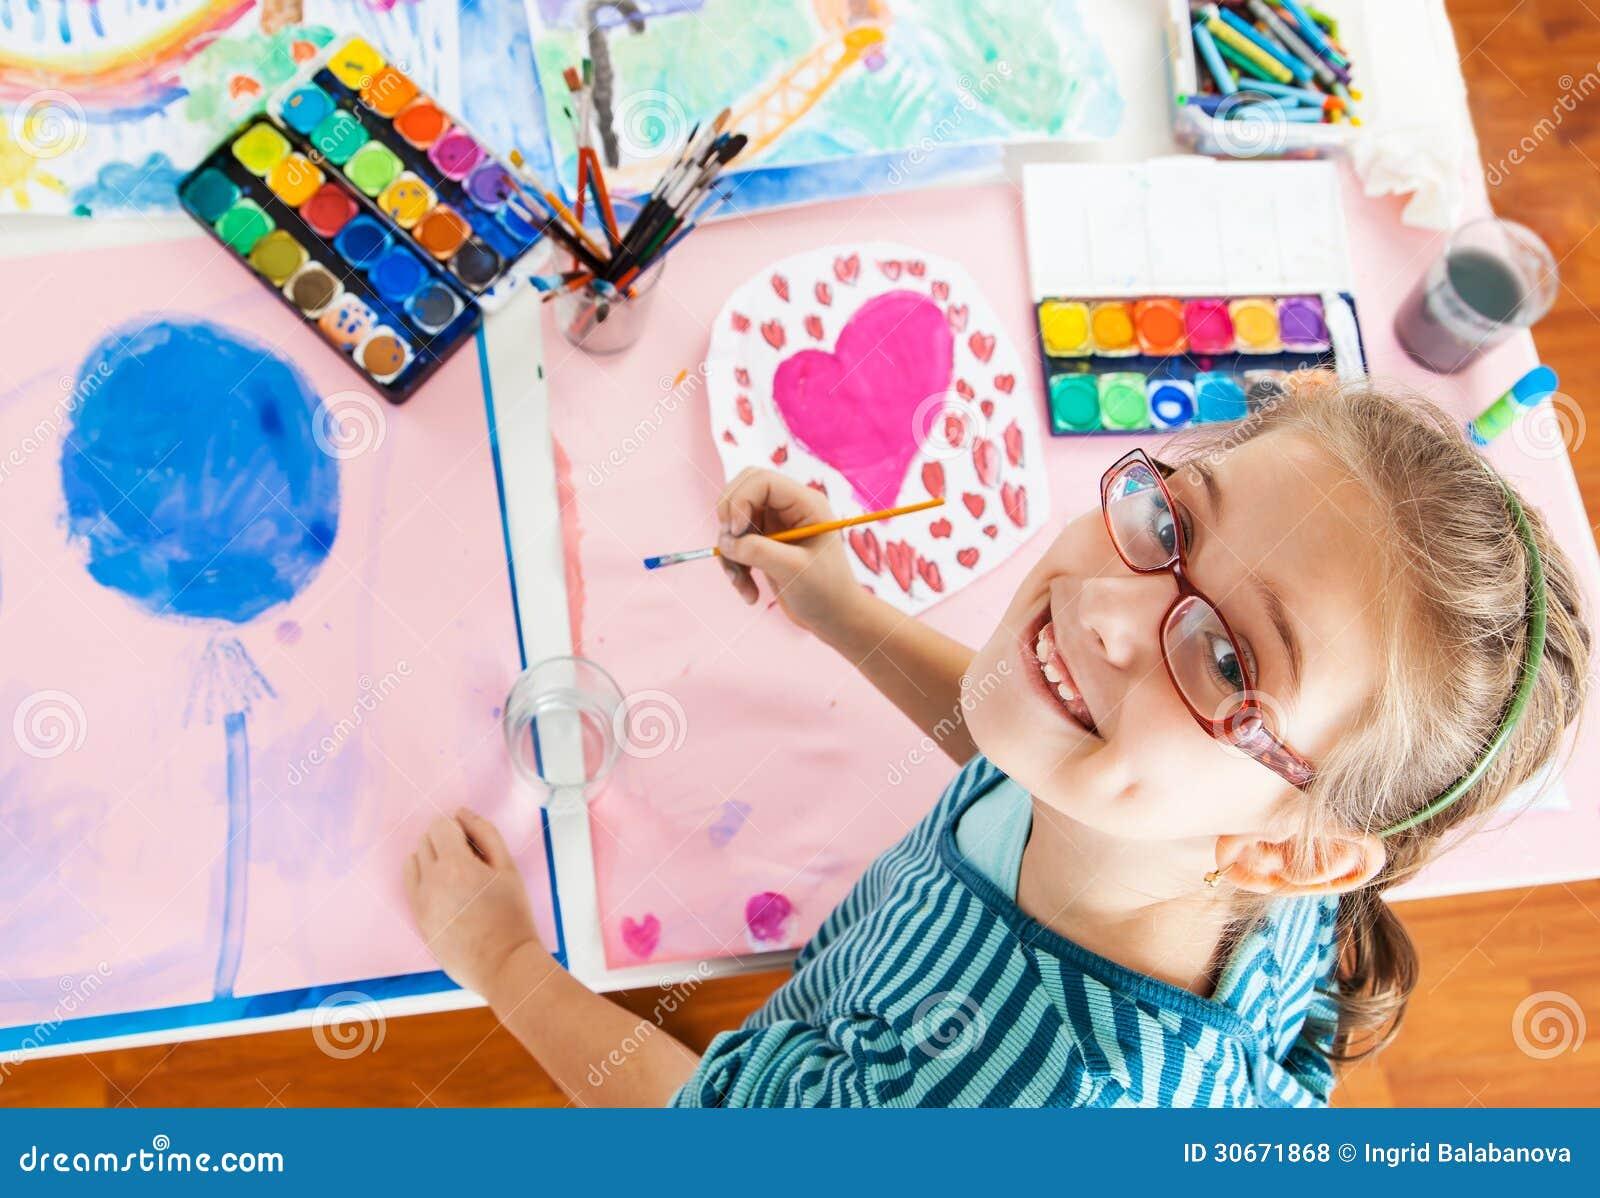 Schoolgirl painting